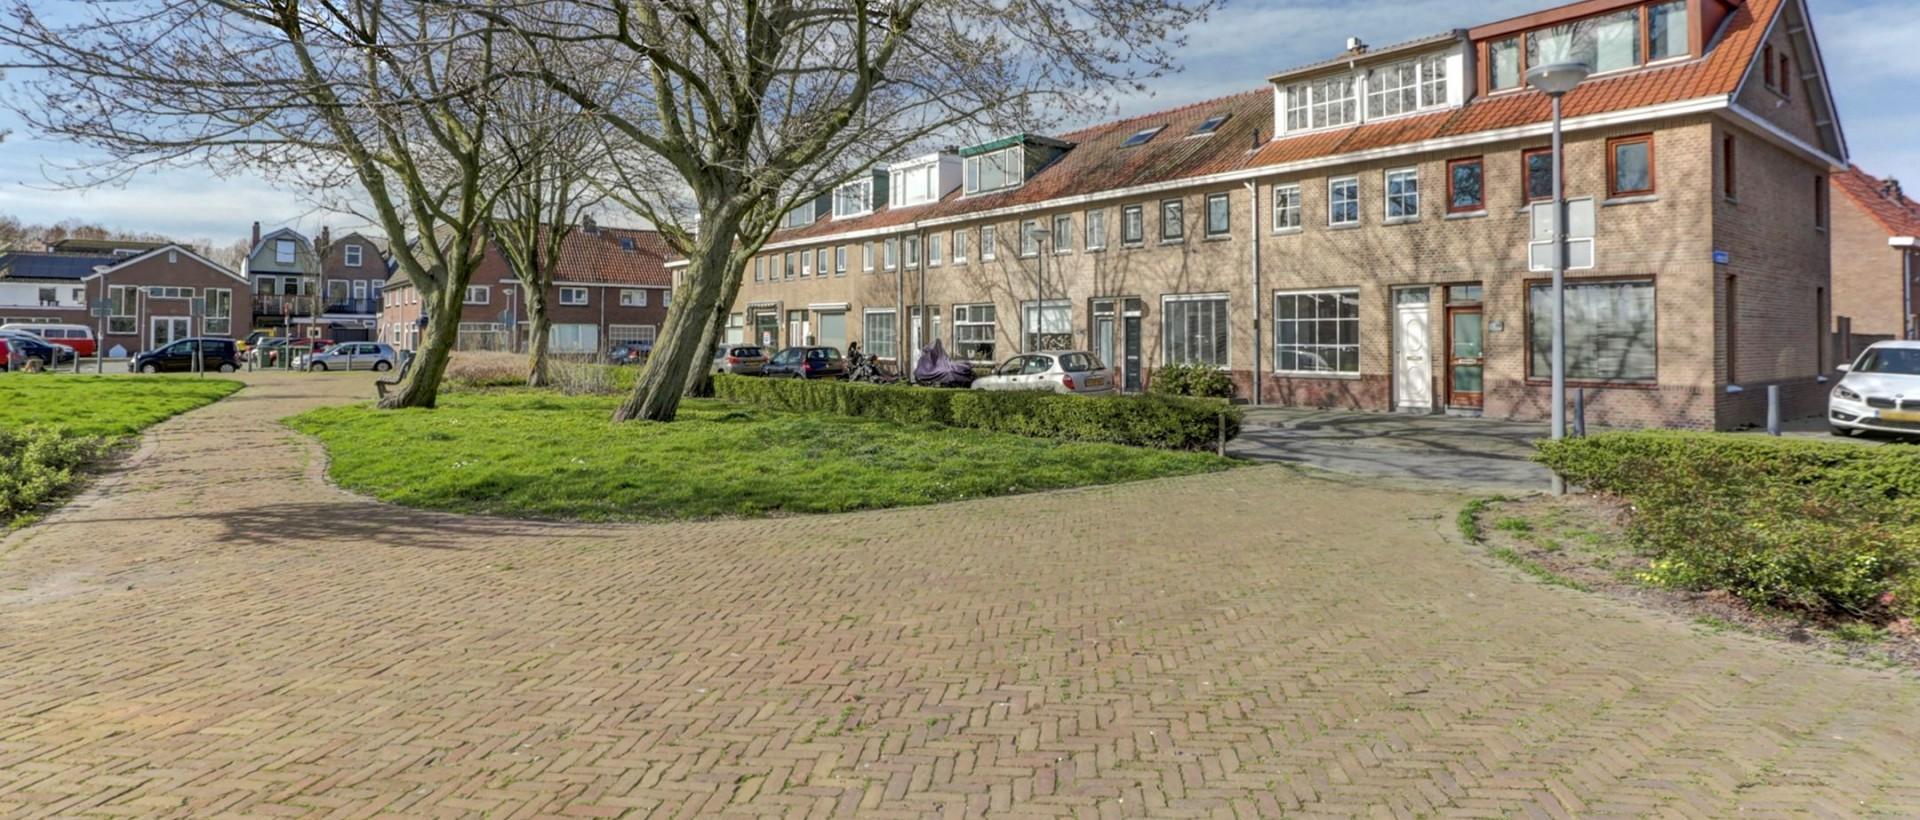 Elandstraat, Rotterdam, Kralingse veer, Zuid-Holland - Riva Rentals  Rotterdam